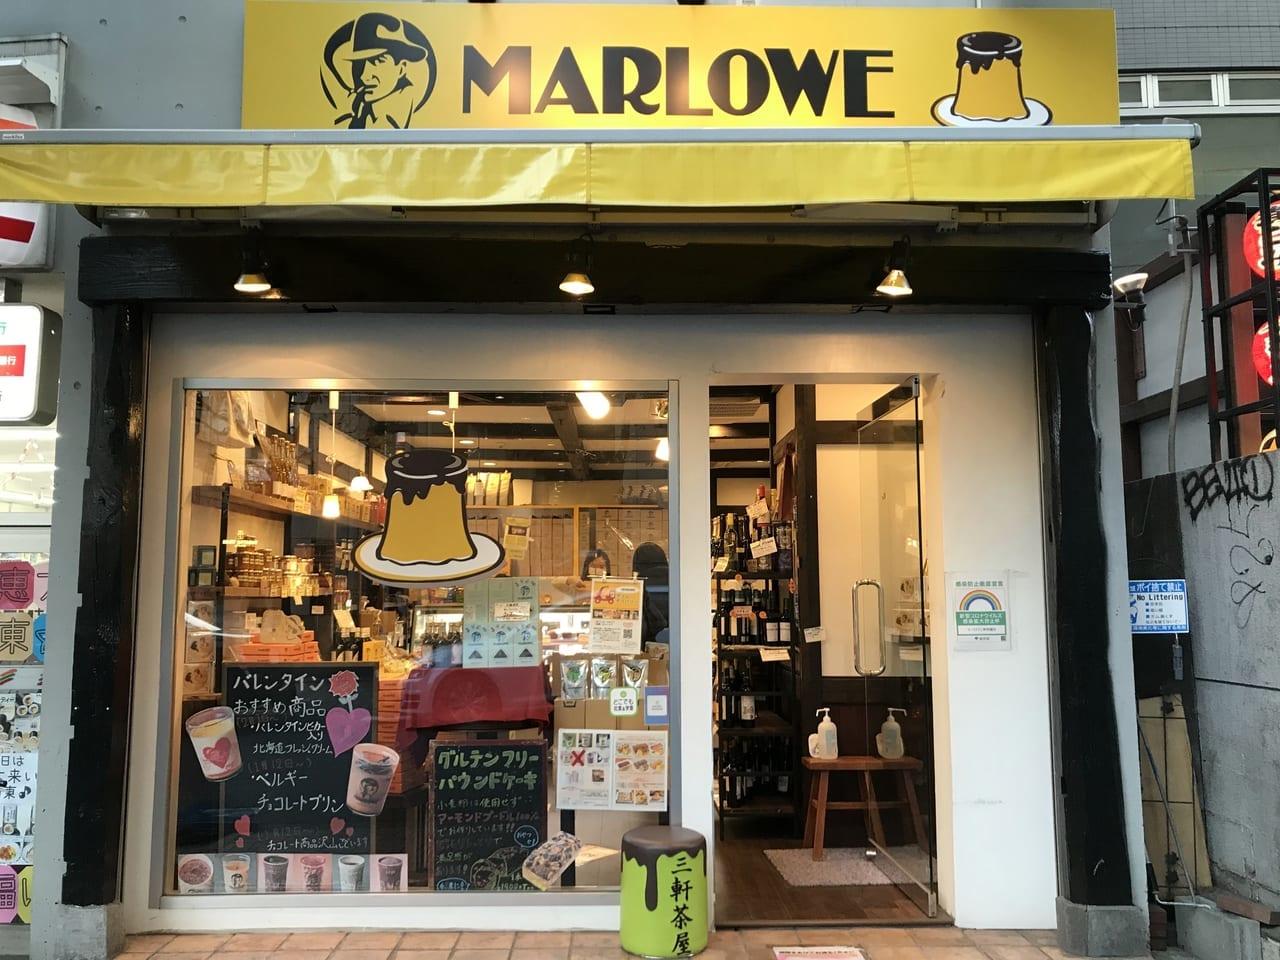 世田谷区MARLOWE マーロウ三軒茶屋店